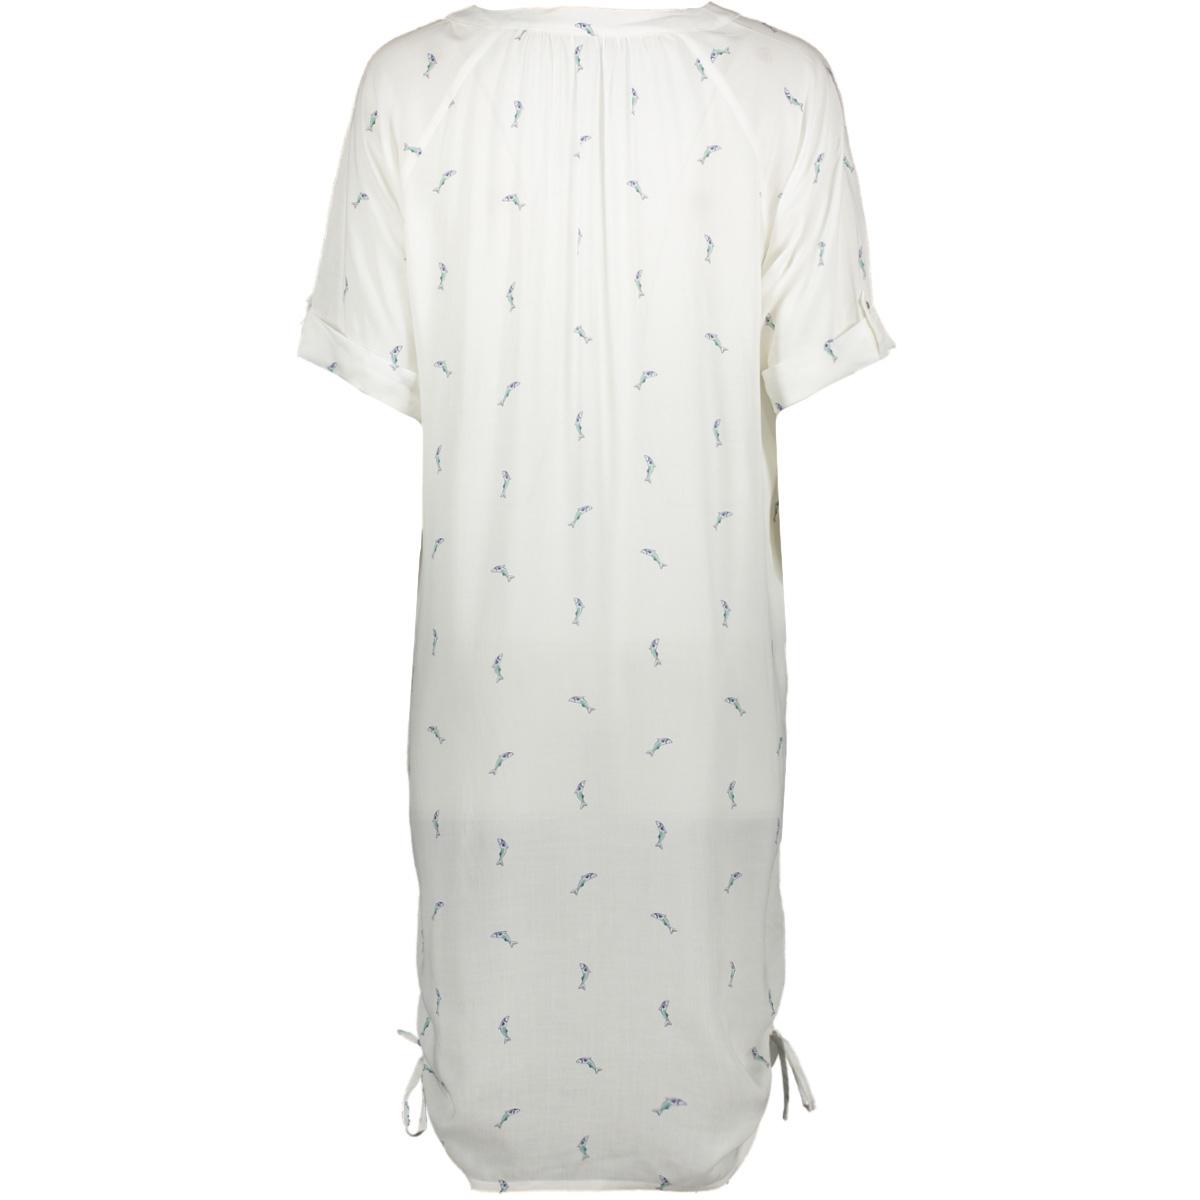 jurk met vispatroon 22001652 sandwich jurk 10058